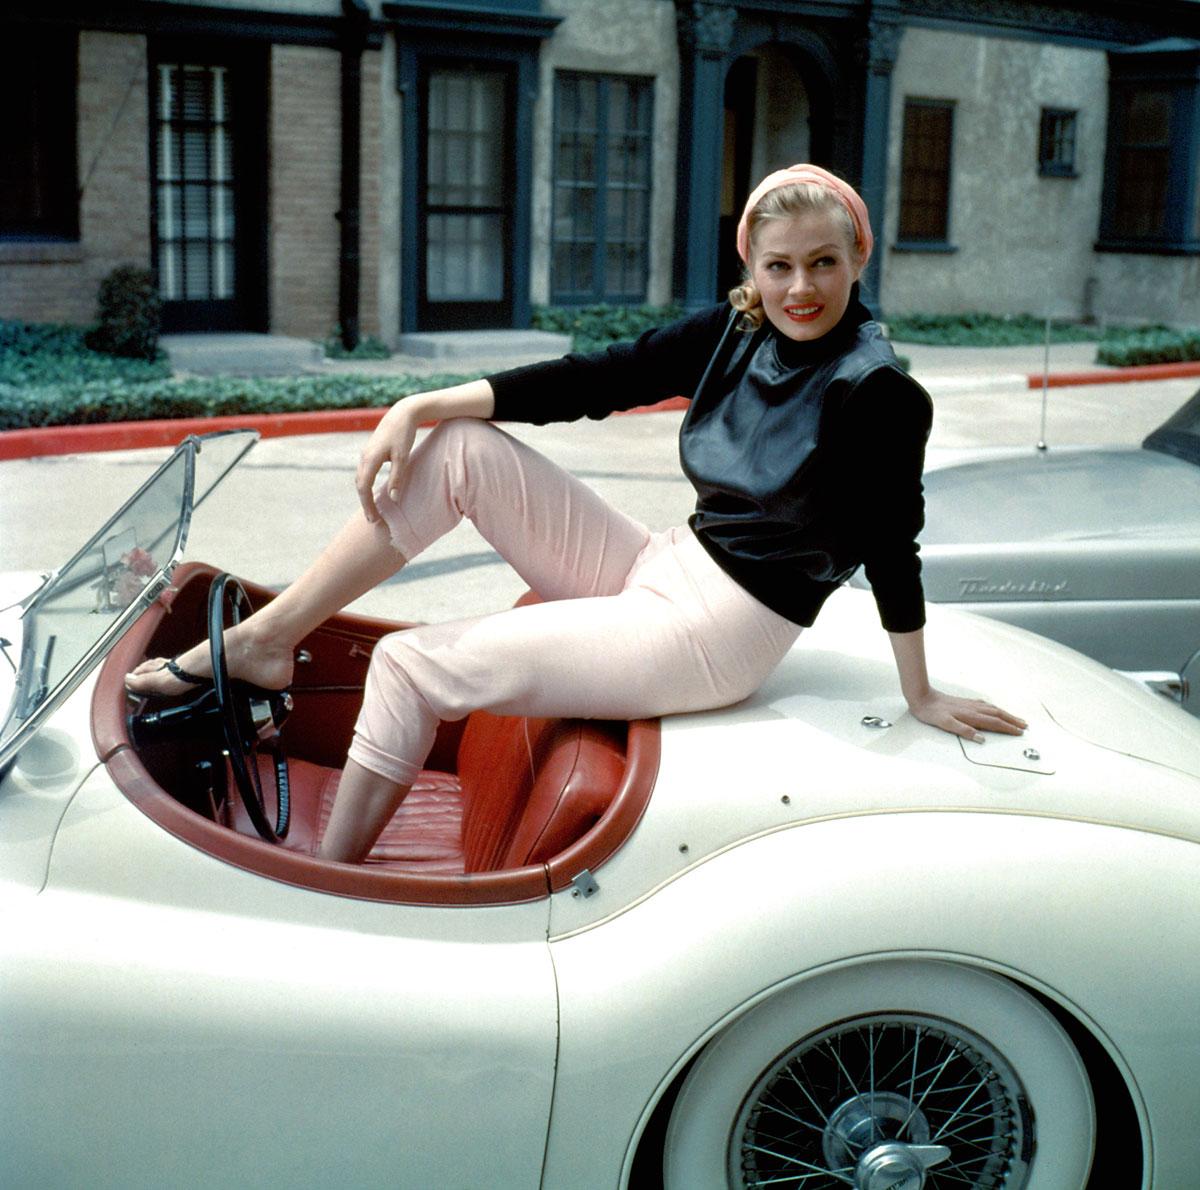 #31, Jaguar, XK 140, Anita Ekberg